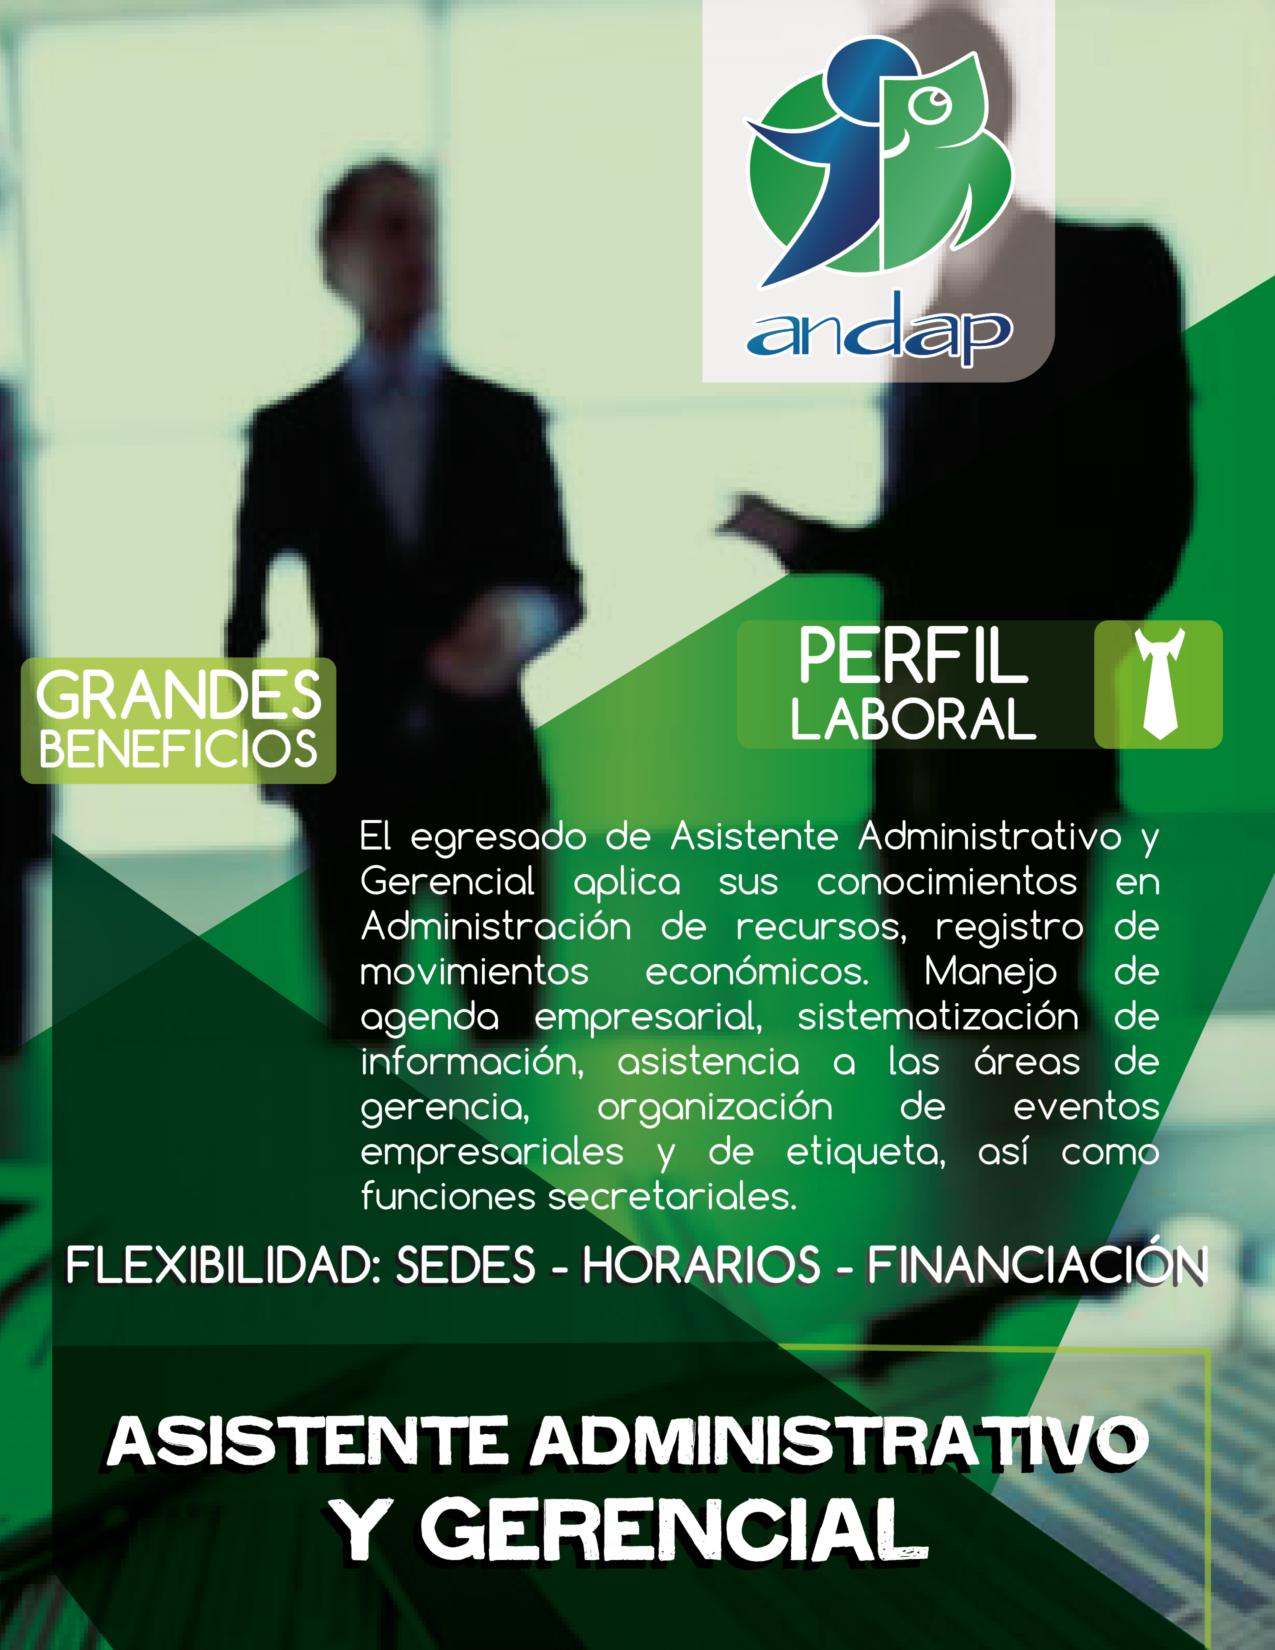 Asistente Administrativo y Gerencial